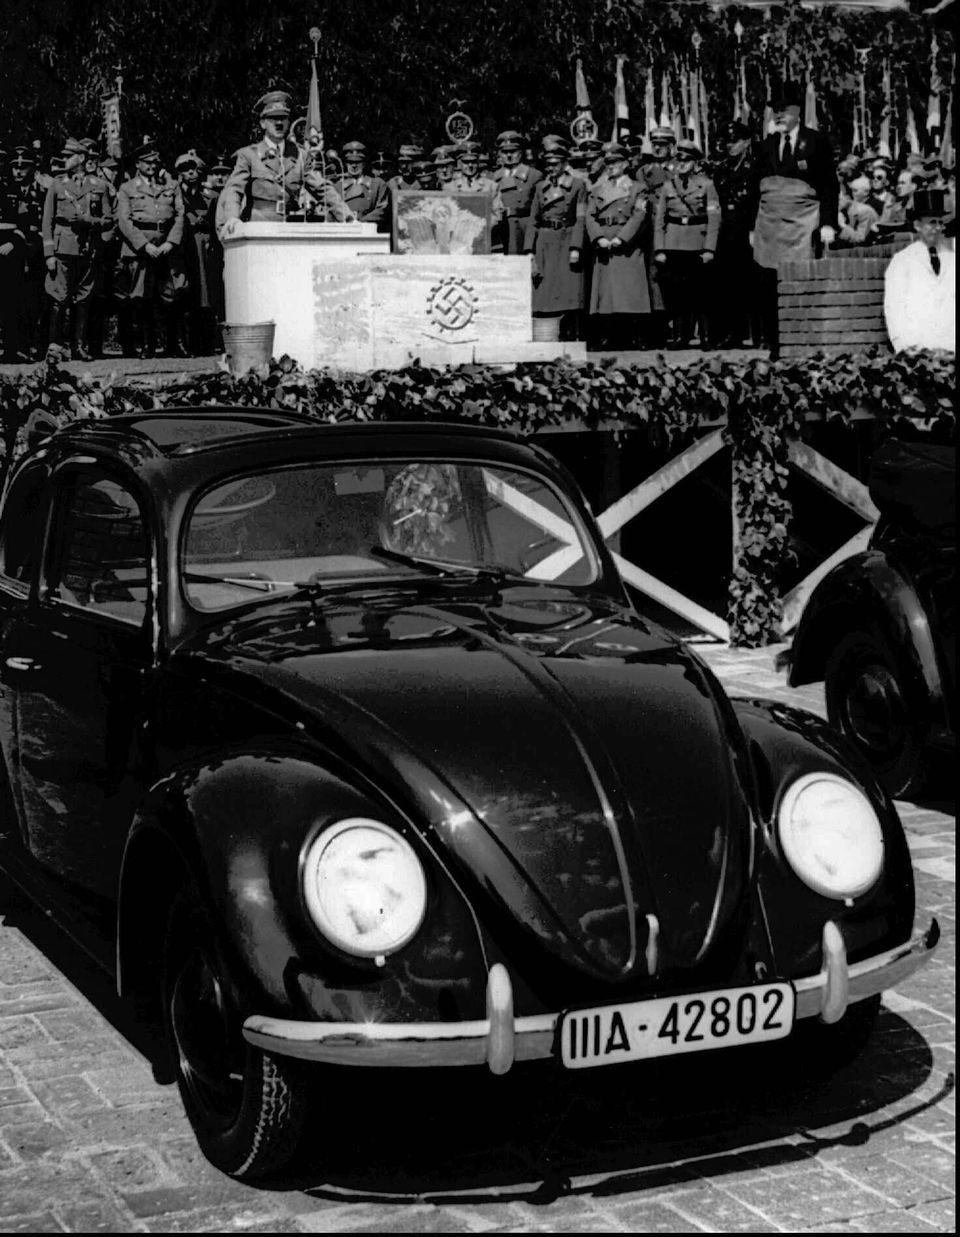 1938년 5월 나치 독일의 아돌프 히틀러가 독일 작센에서 열린 폭스바겐 공장 개소식에서 연설을 하고